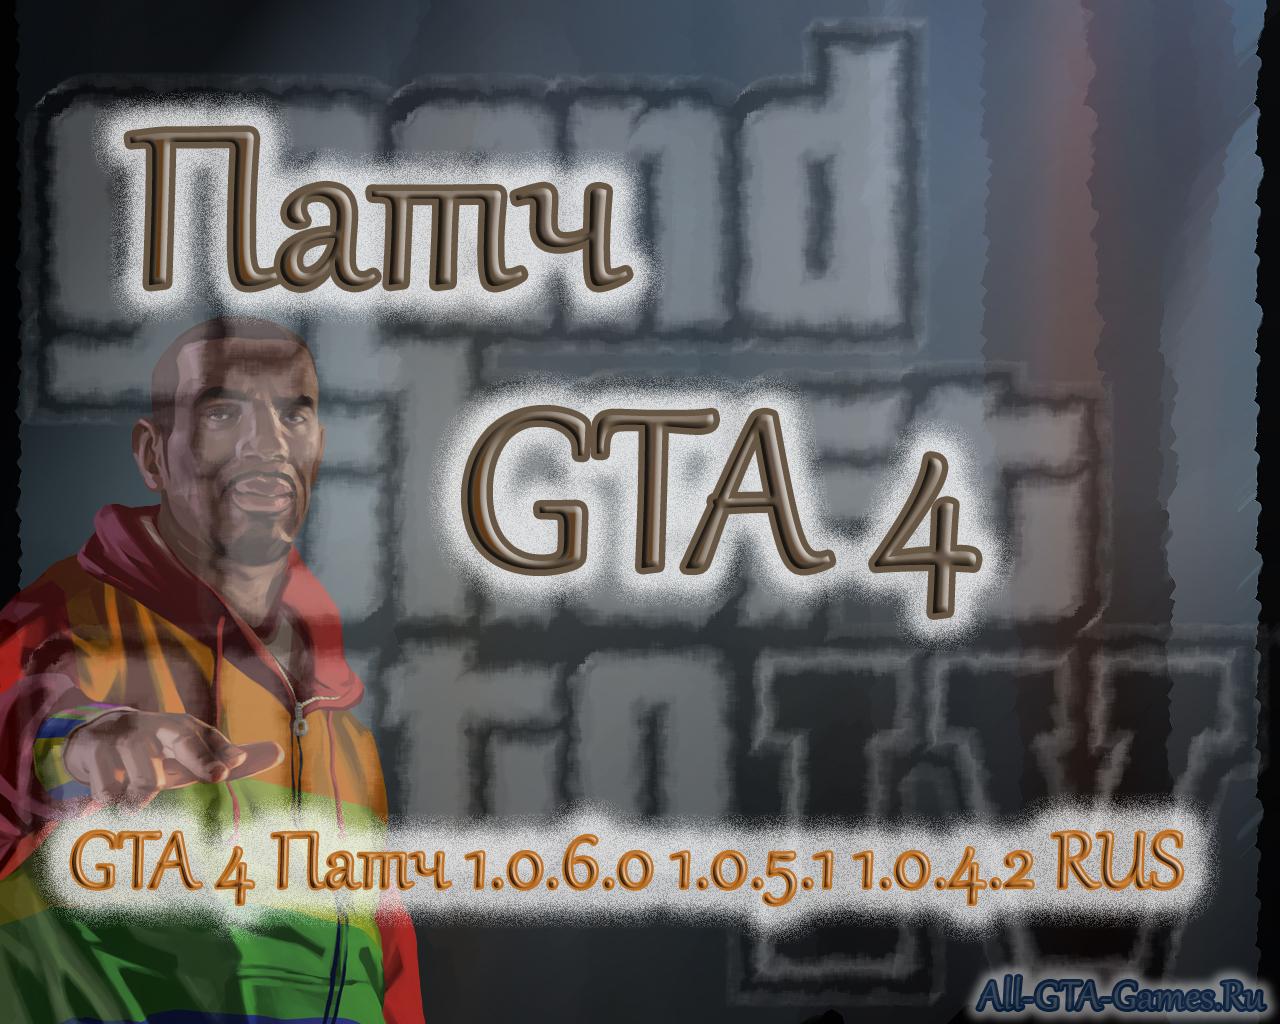 Патч для gta 4 русская версия.